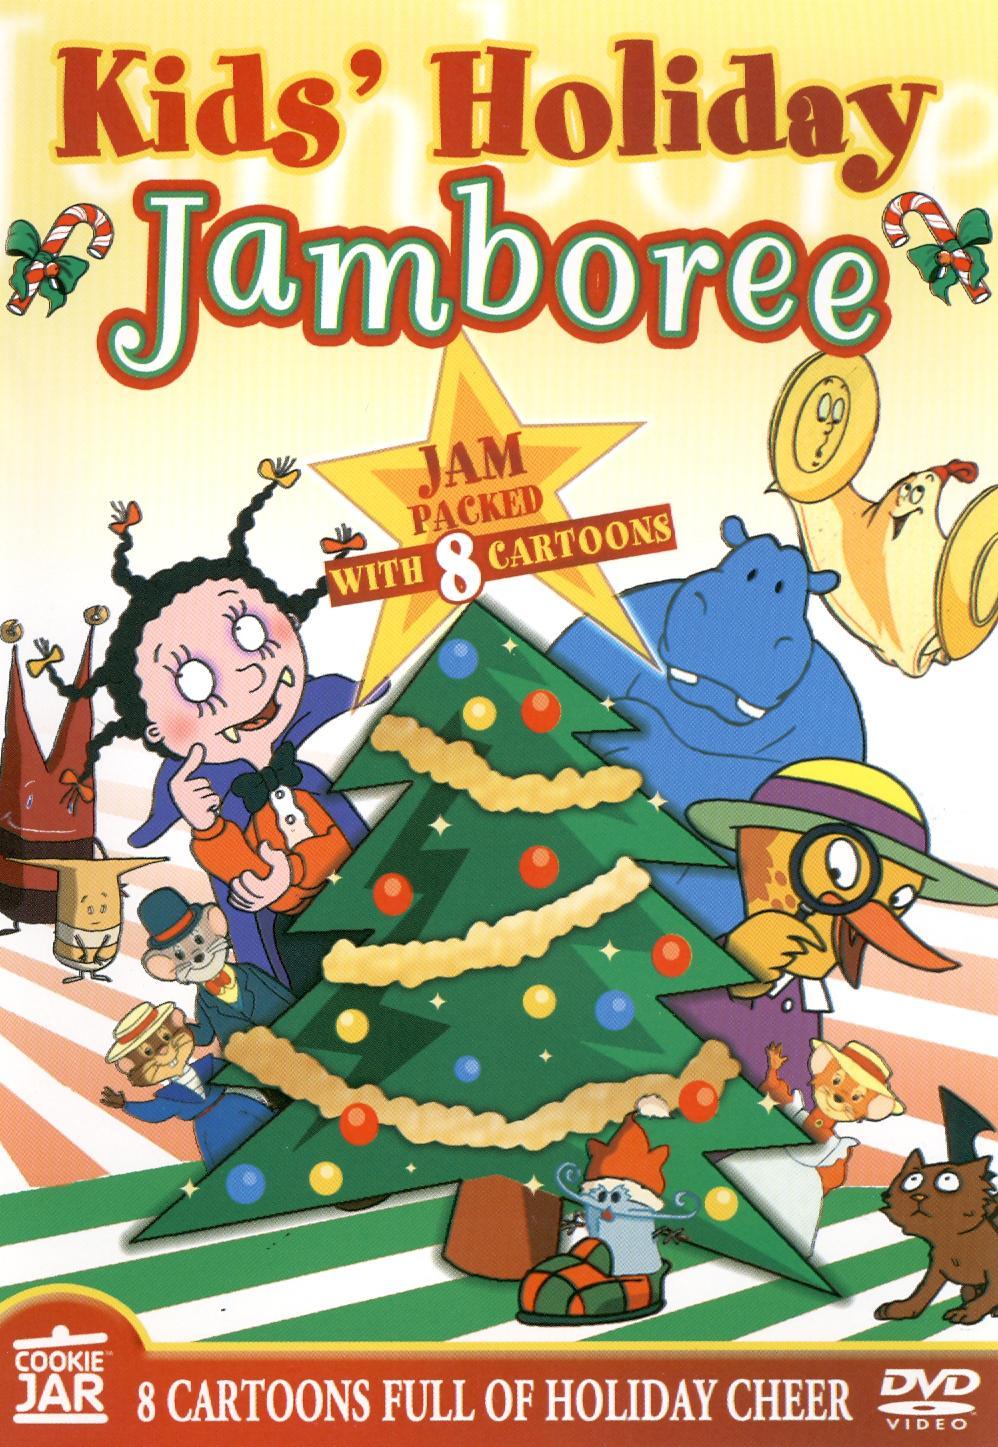 A Kids' Holiday Jamboree